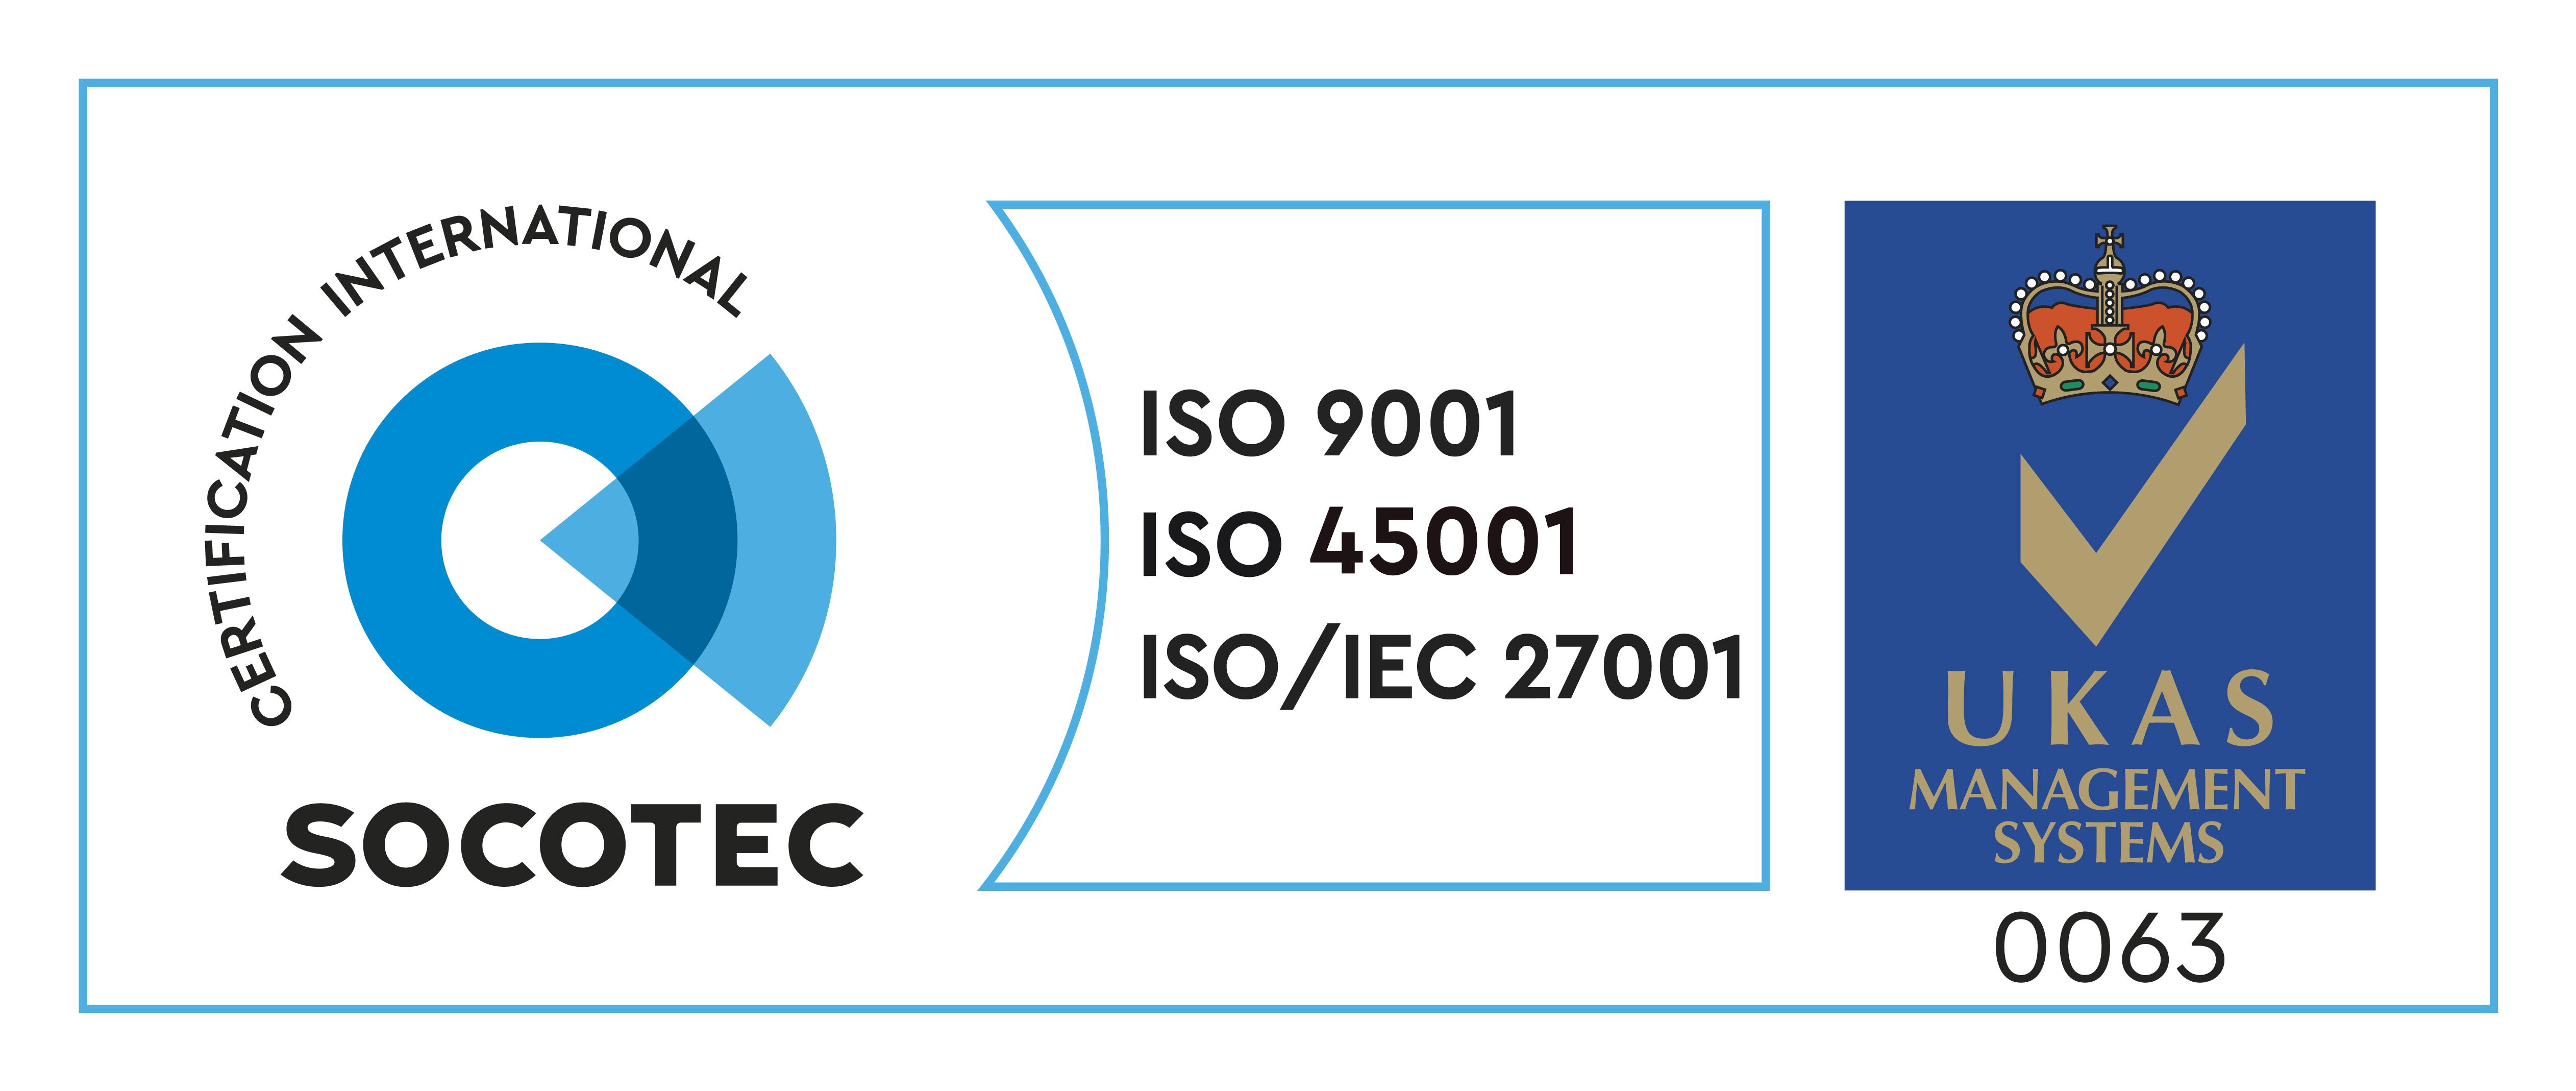 9001+27001+45001 SOC カラー UKAS カラー